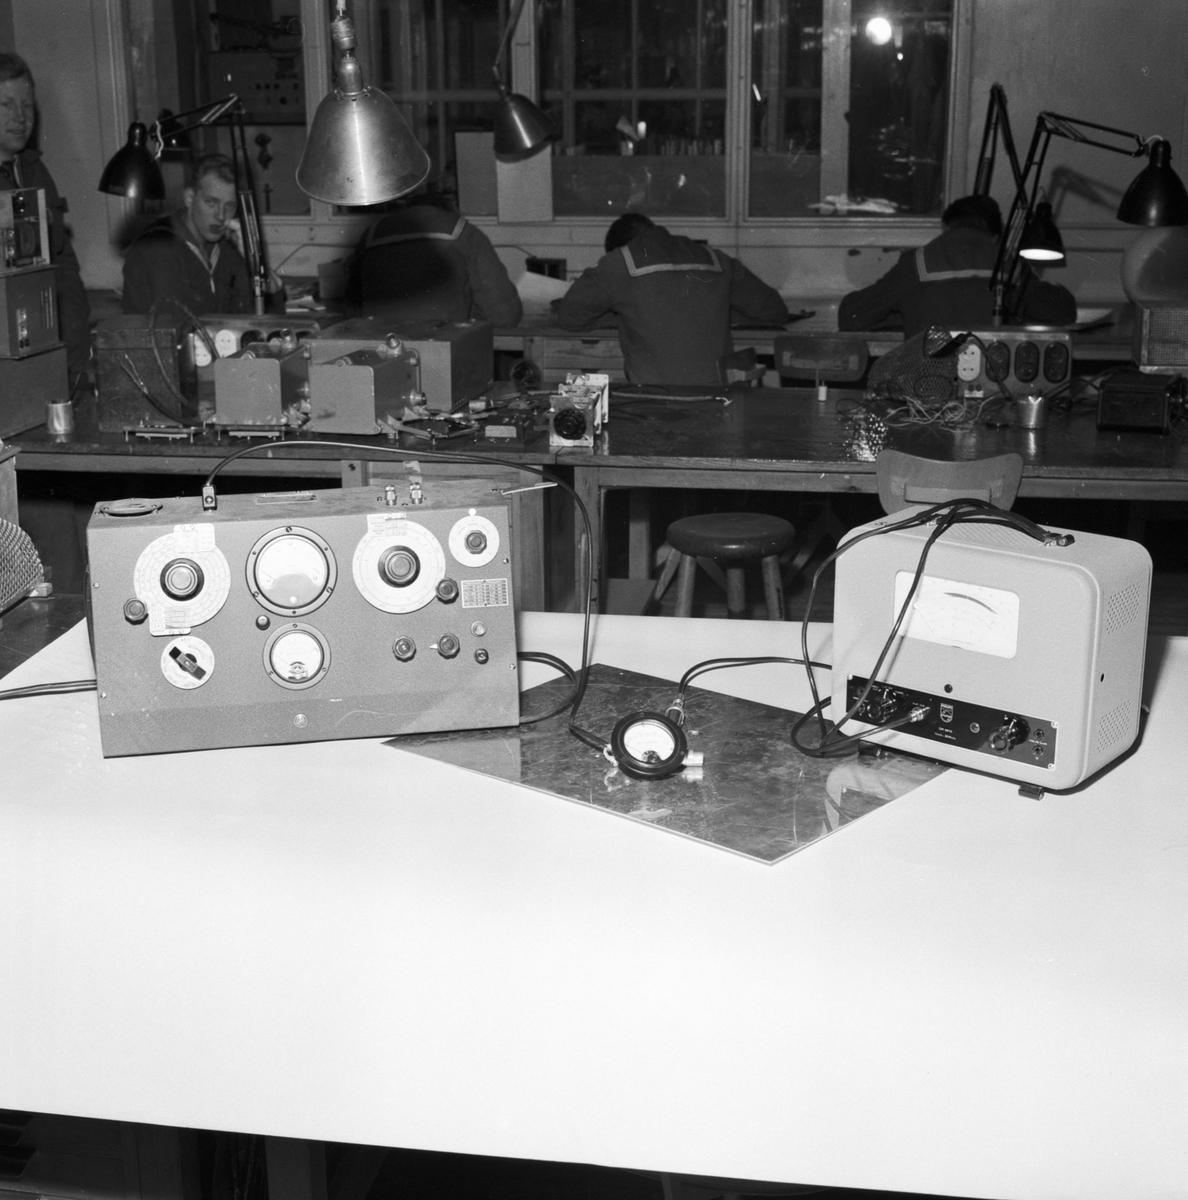 Övrigt: Foto datum: 13/1 1954 Byggnader och kranar Televerkstan detaljer